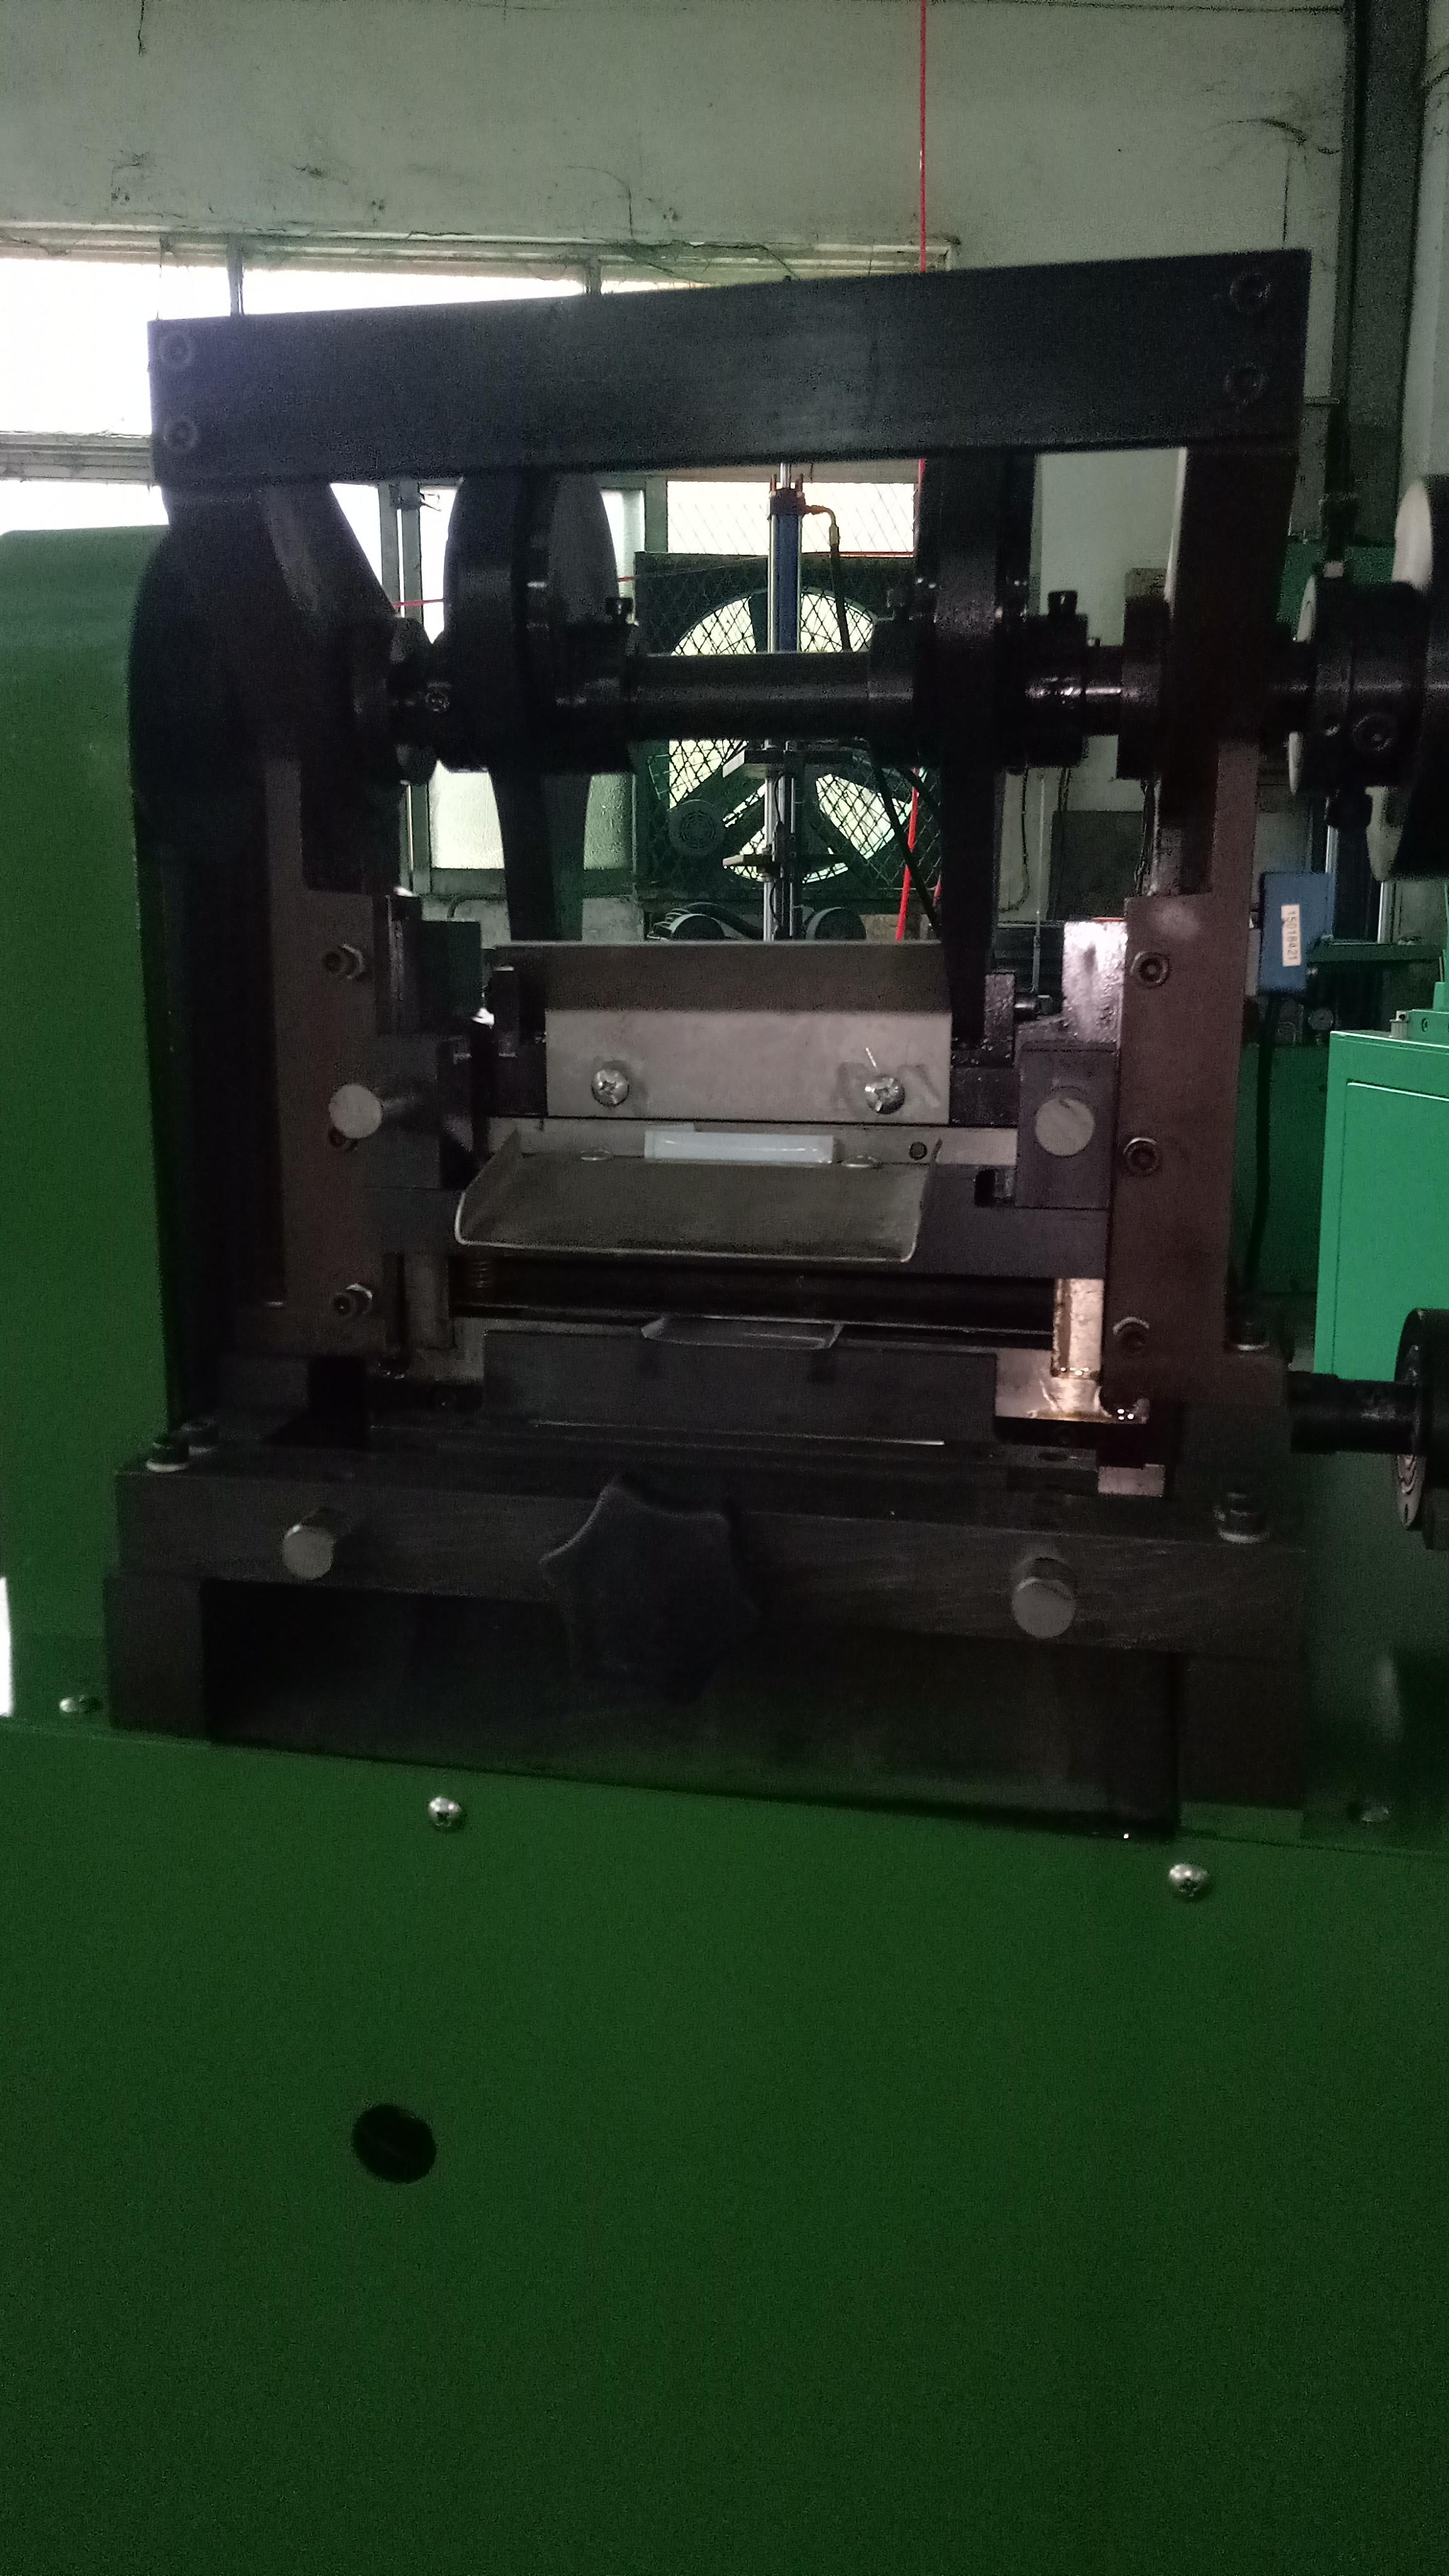 全自动裁纸,裁片机 全自动裁纸,裁片机电机生产用设备